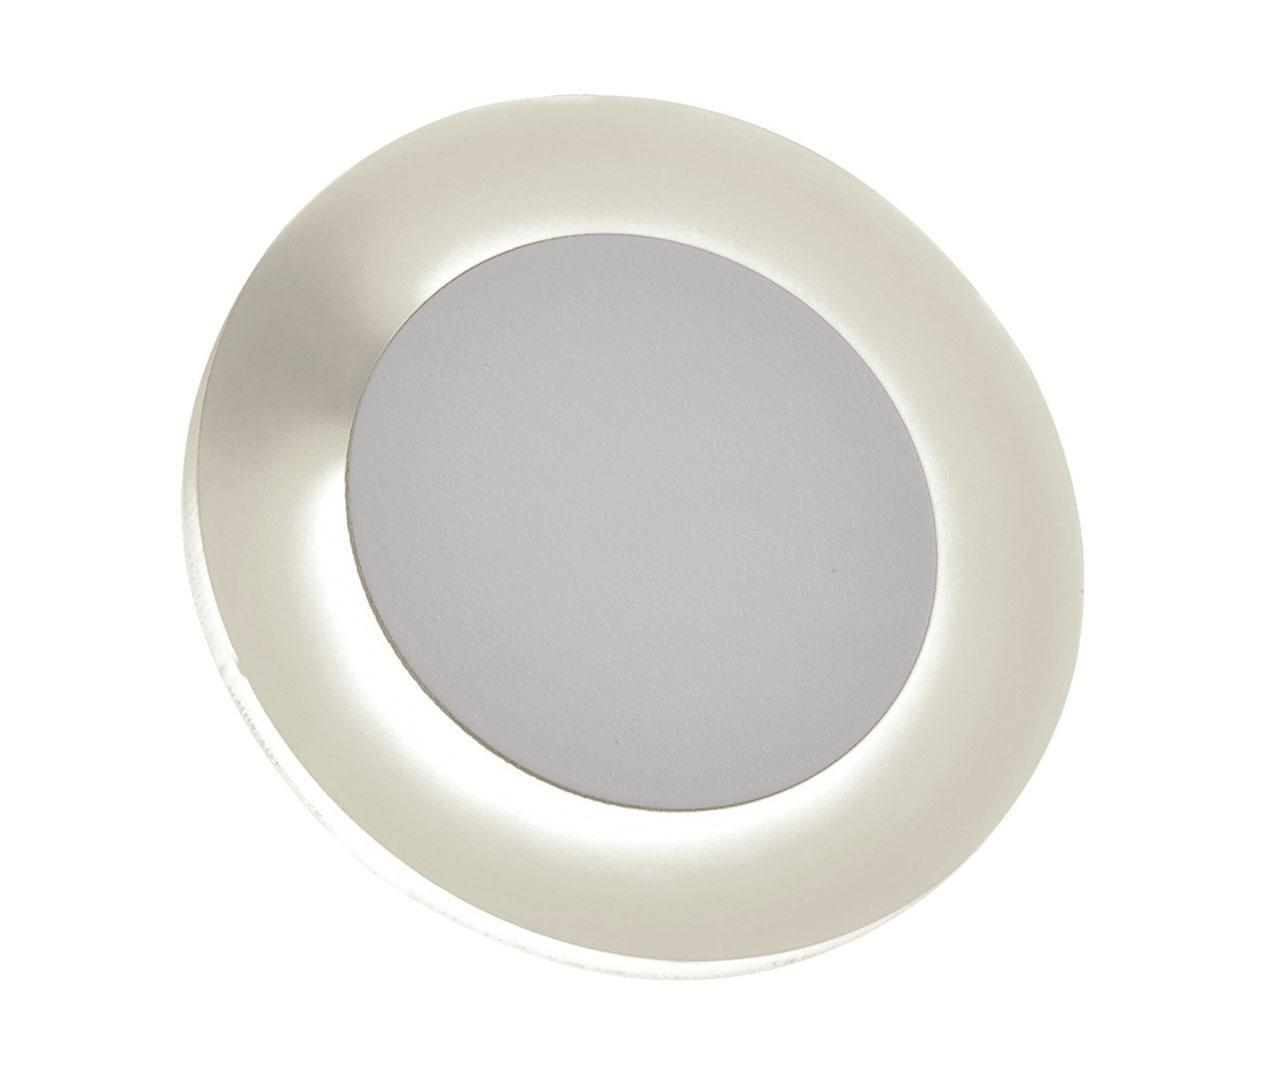 цена на Настенный светильник Kink Light 08137, белый